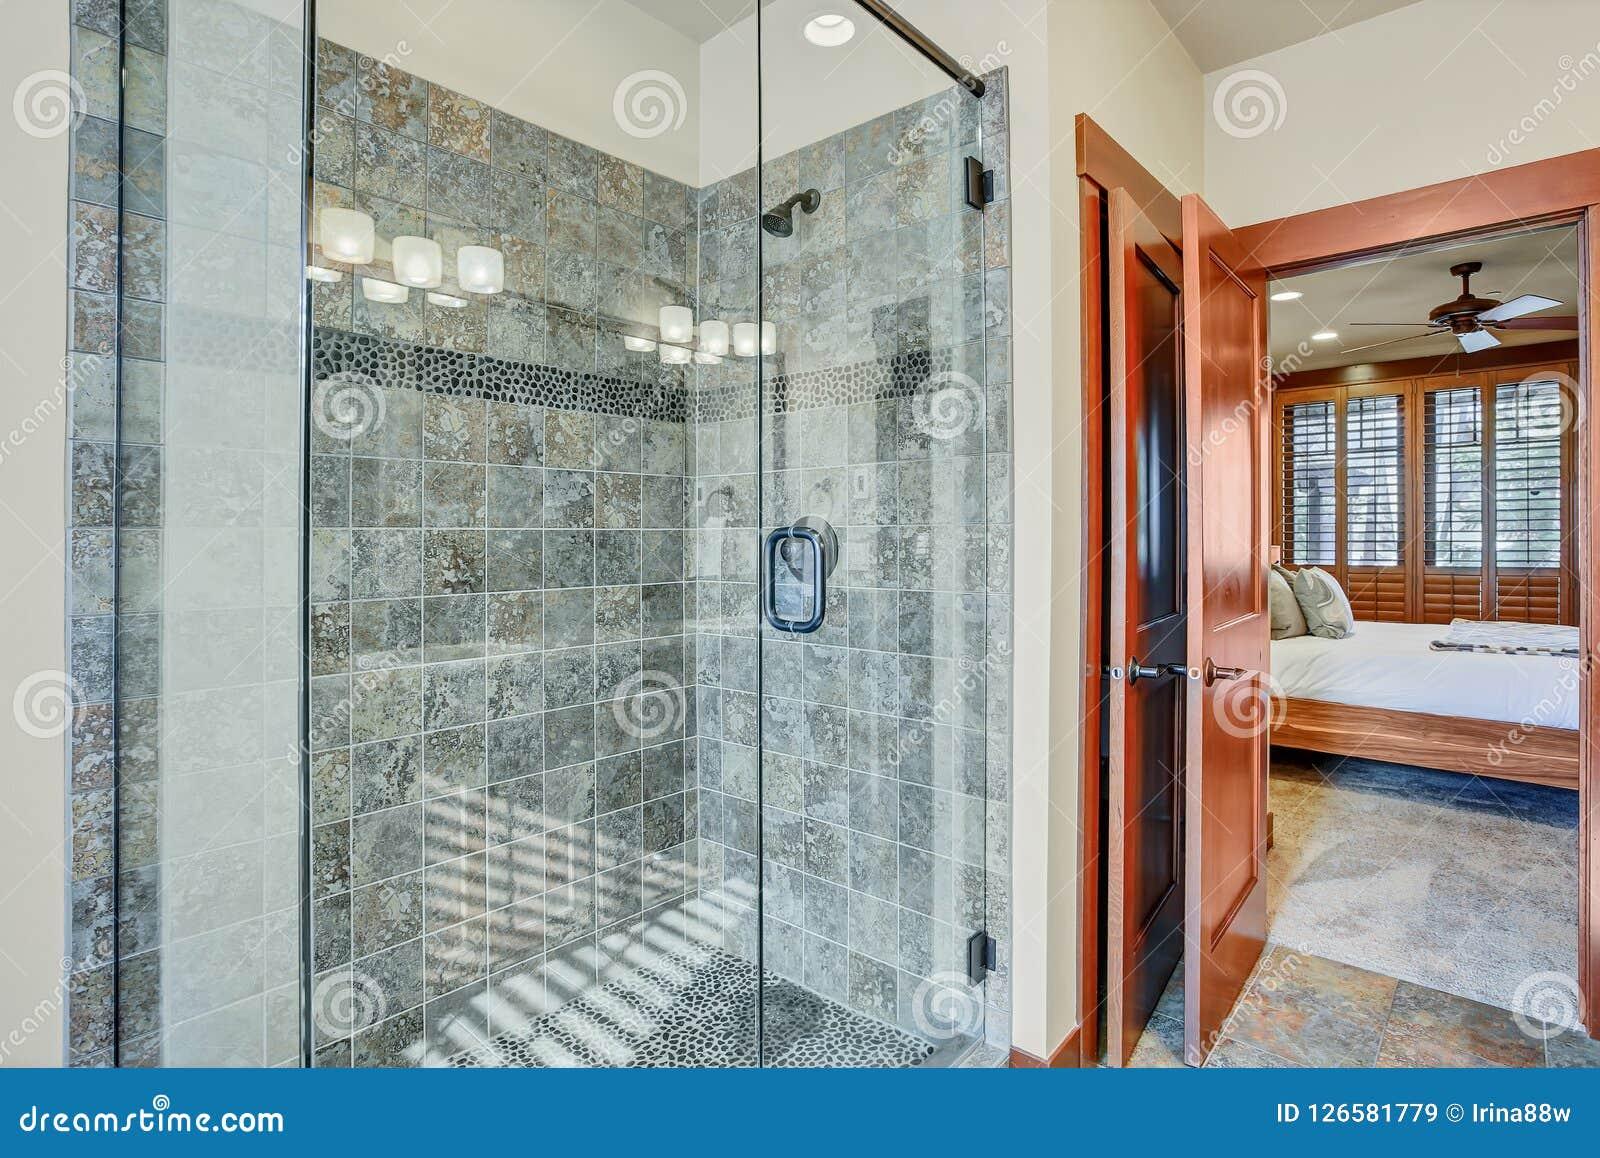 Salle de bains principale avec la promenade en verre dans la douche